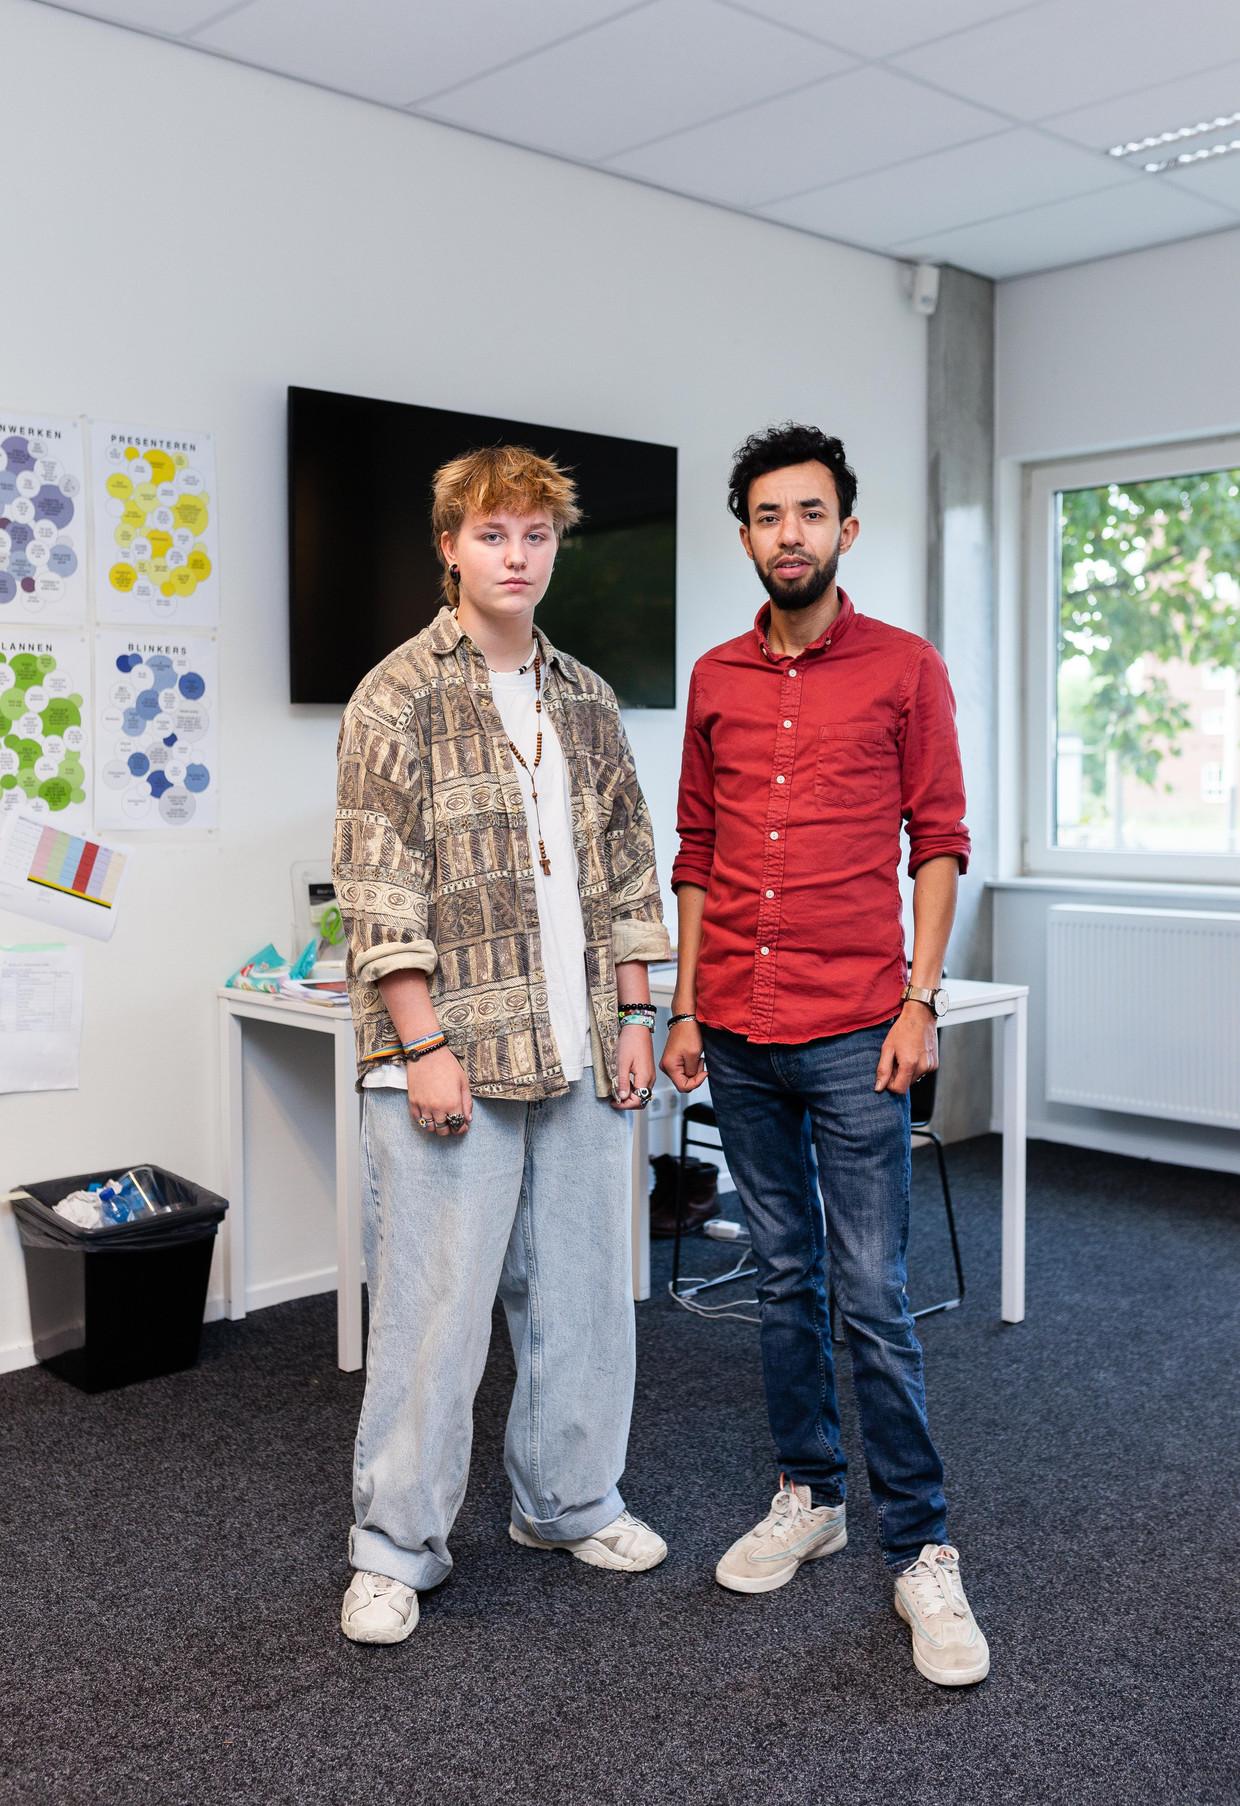 Tyler en zijn mentor Moundir lopen af en toe een rondje door school om te laten zien dat transgender-zijn gewoon is. Beeld Nina Schollaardt